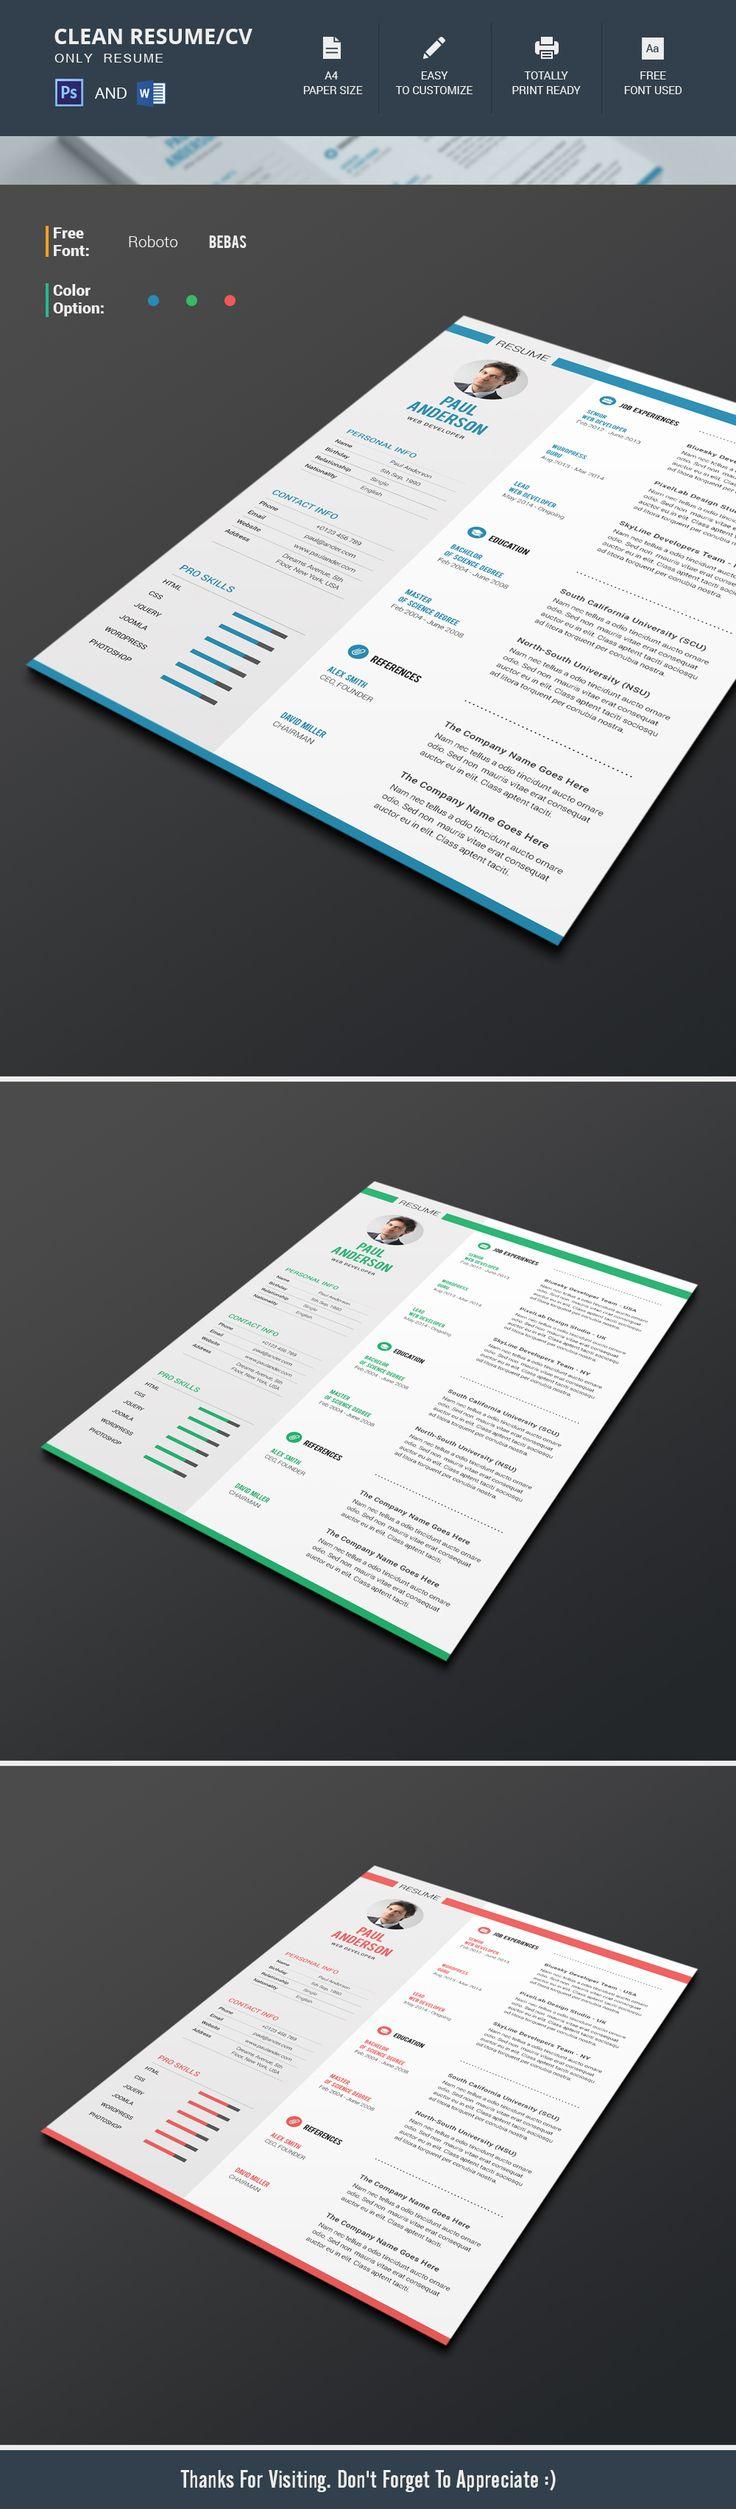 Clean-Resume CV